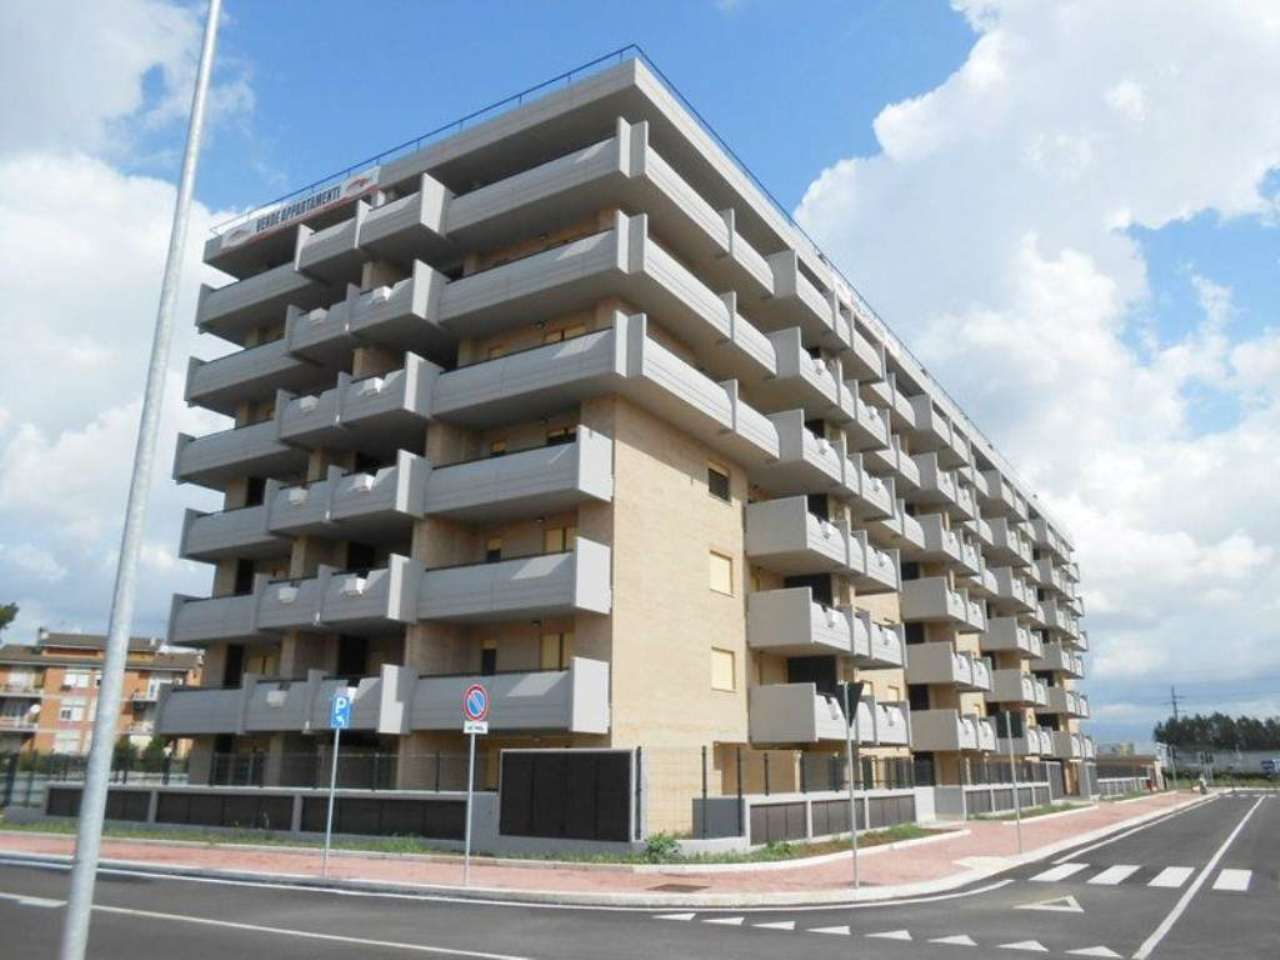 Casa roma appartamenti e case in vendita pag 9 for Case in vendita roma